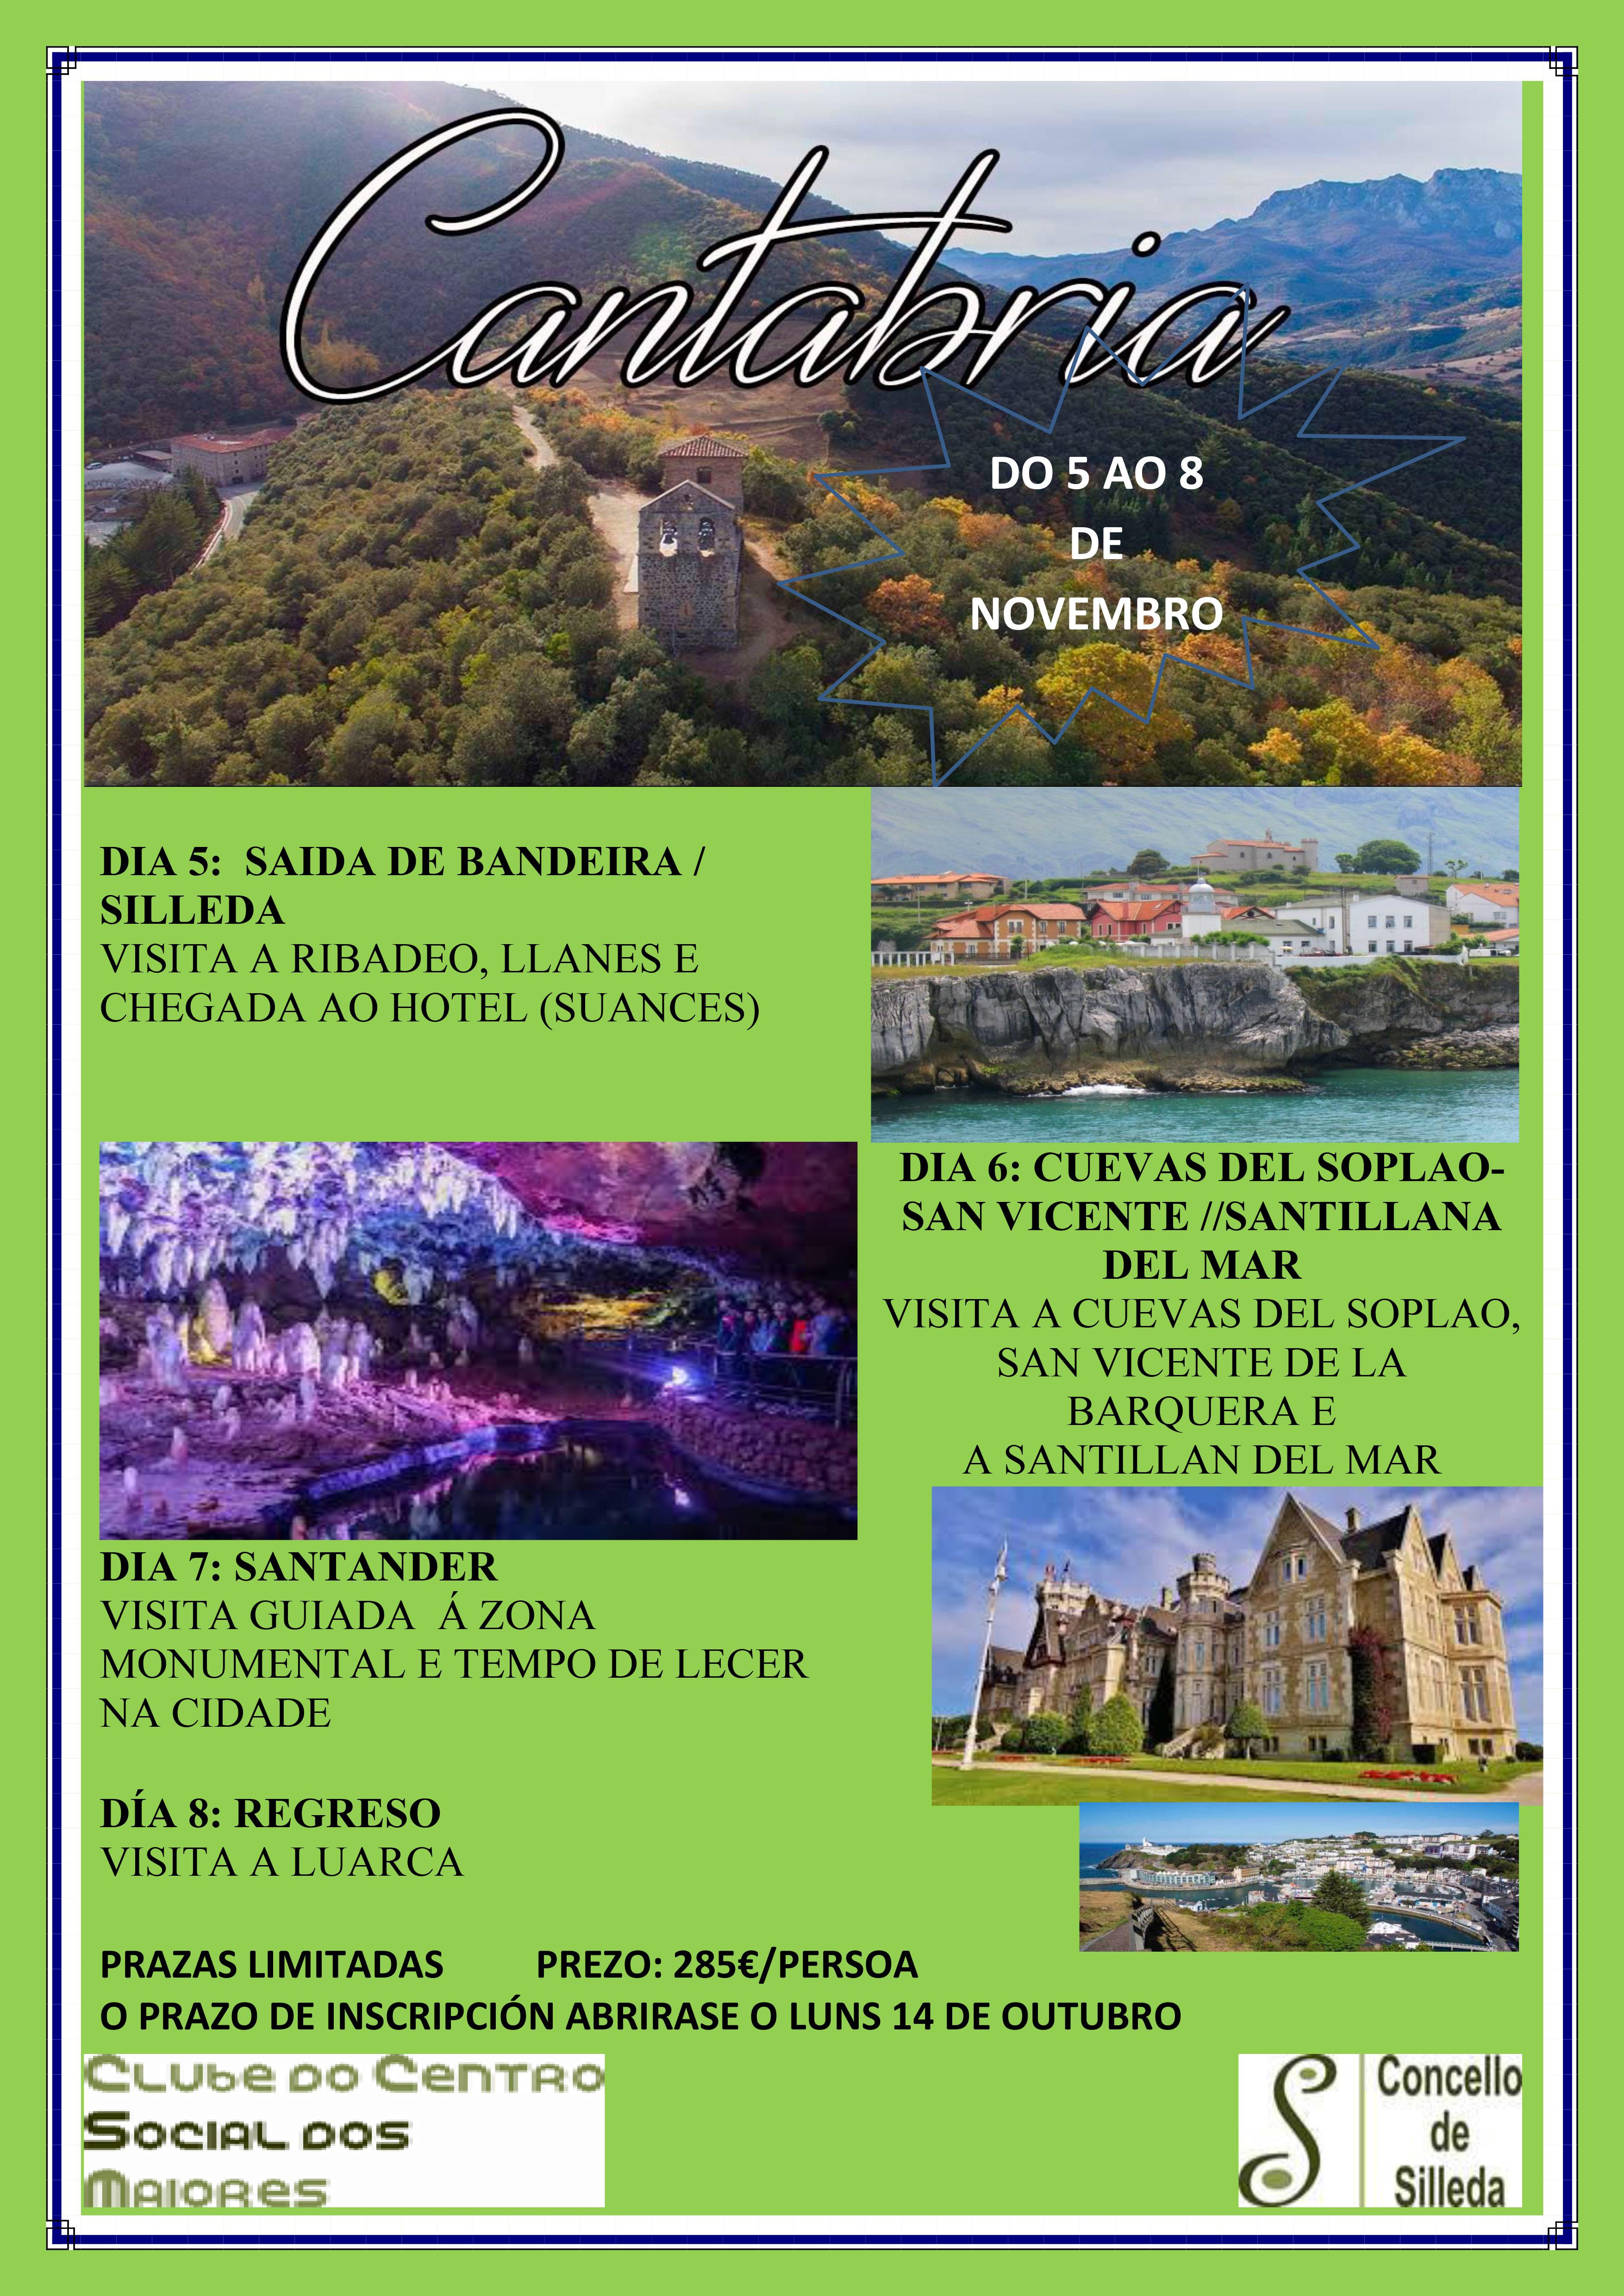 A Concellería de Benestar e o Club do Centro Social dos Maiores programan unha viaxe a Cantabria do 5 ao 8 de novembro